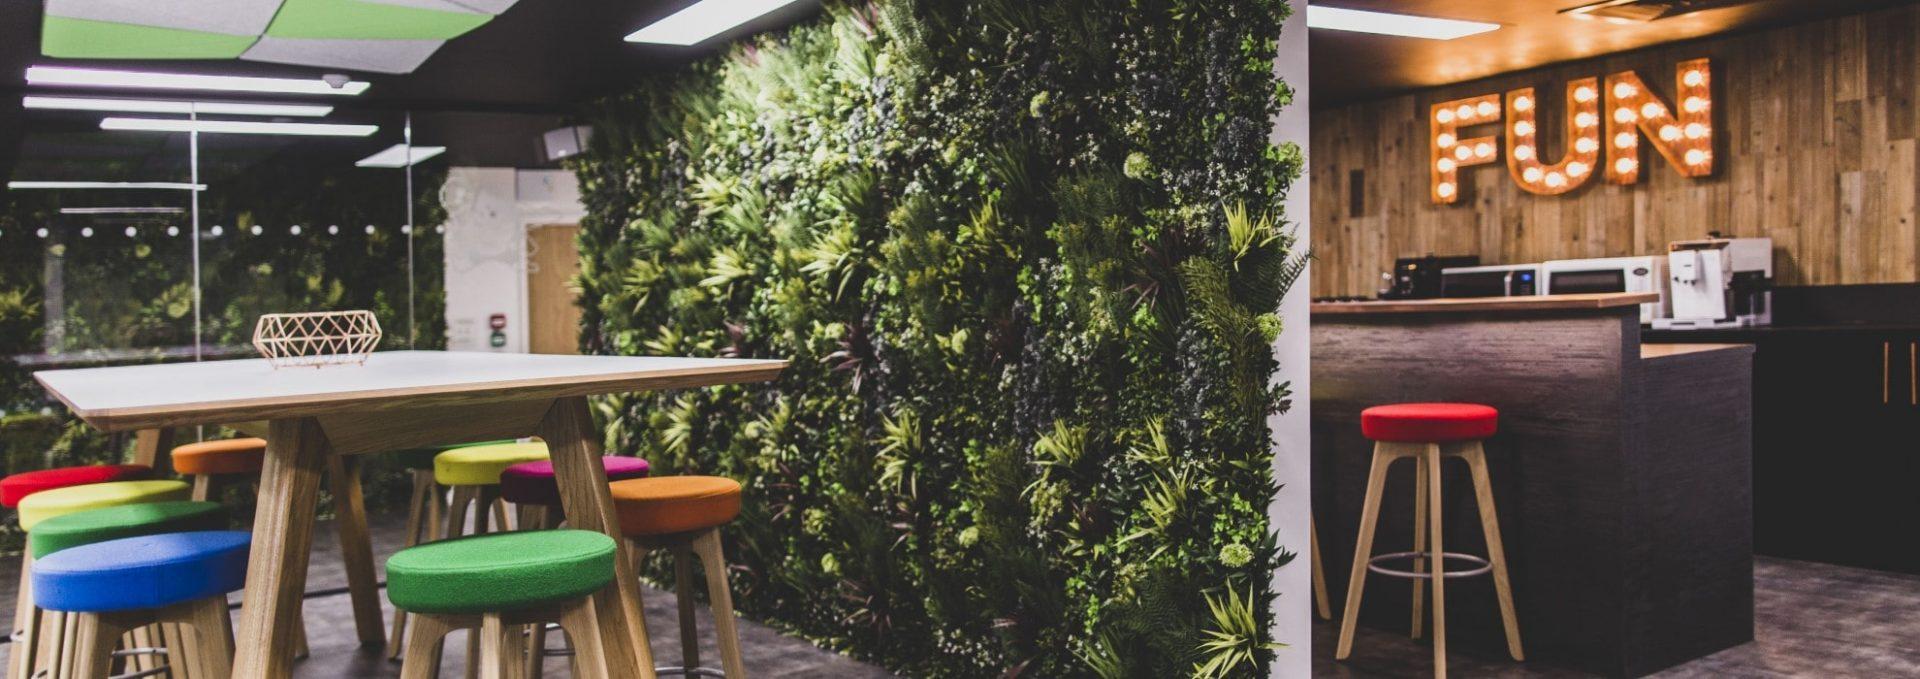 Elegant Green Walls